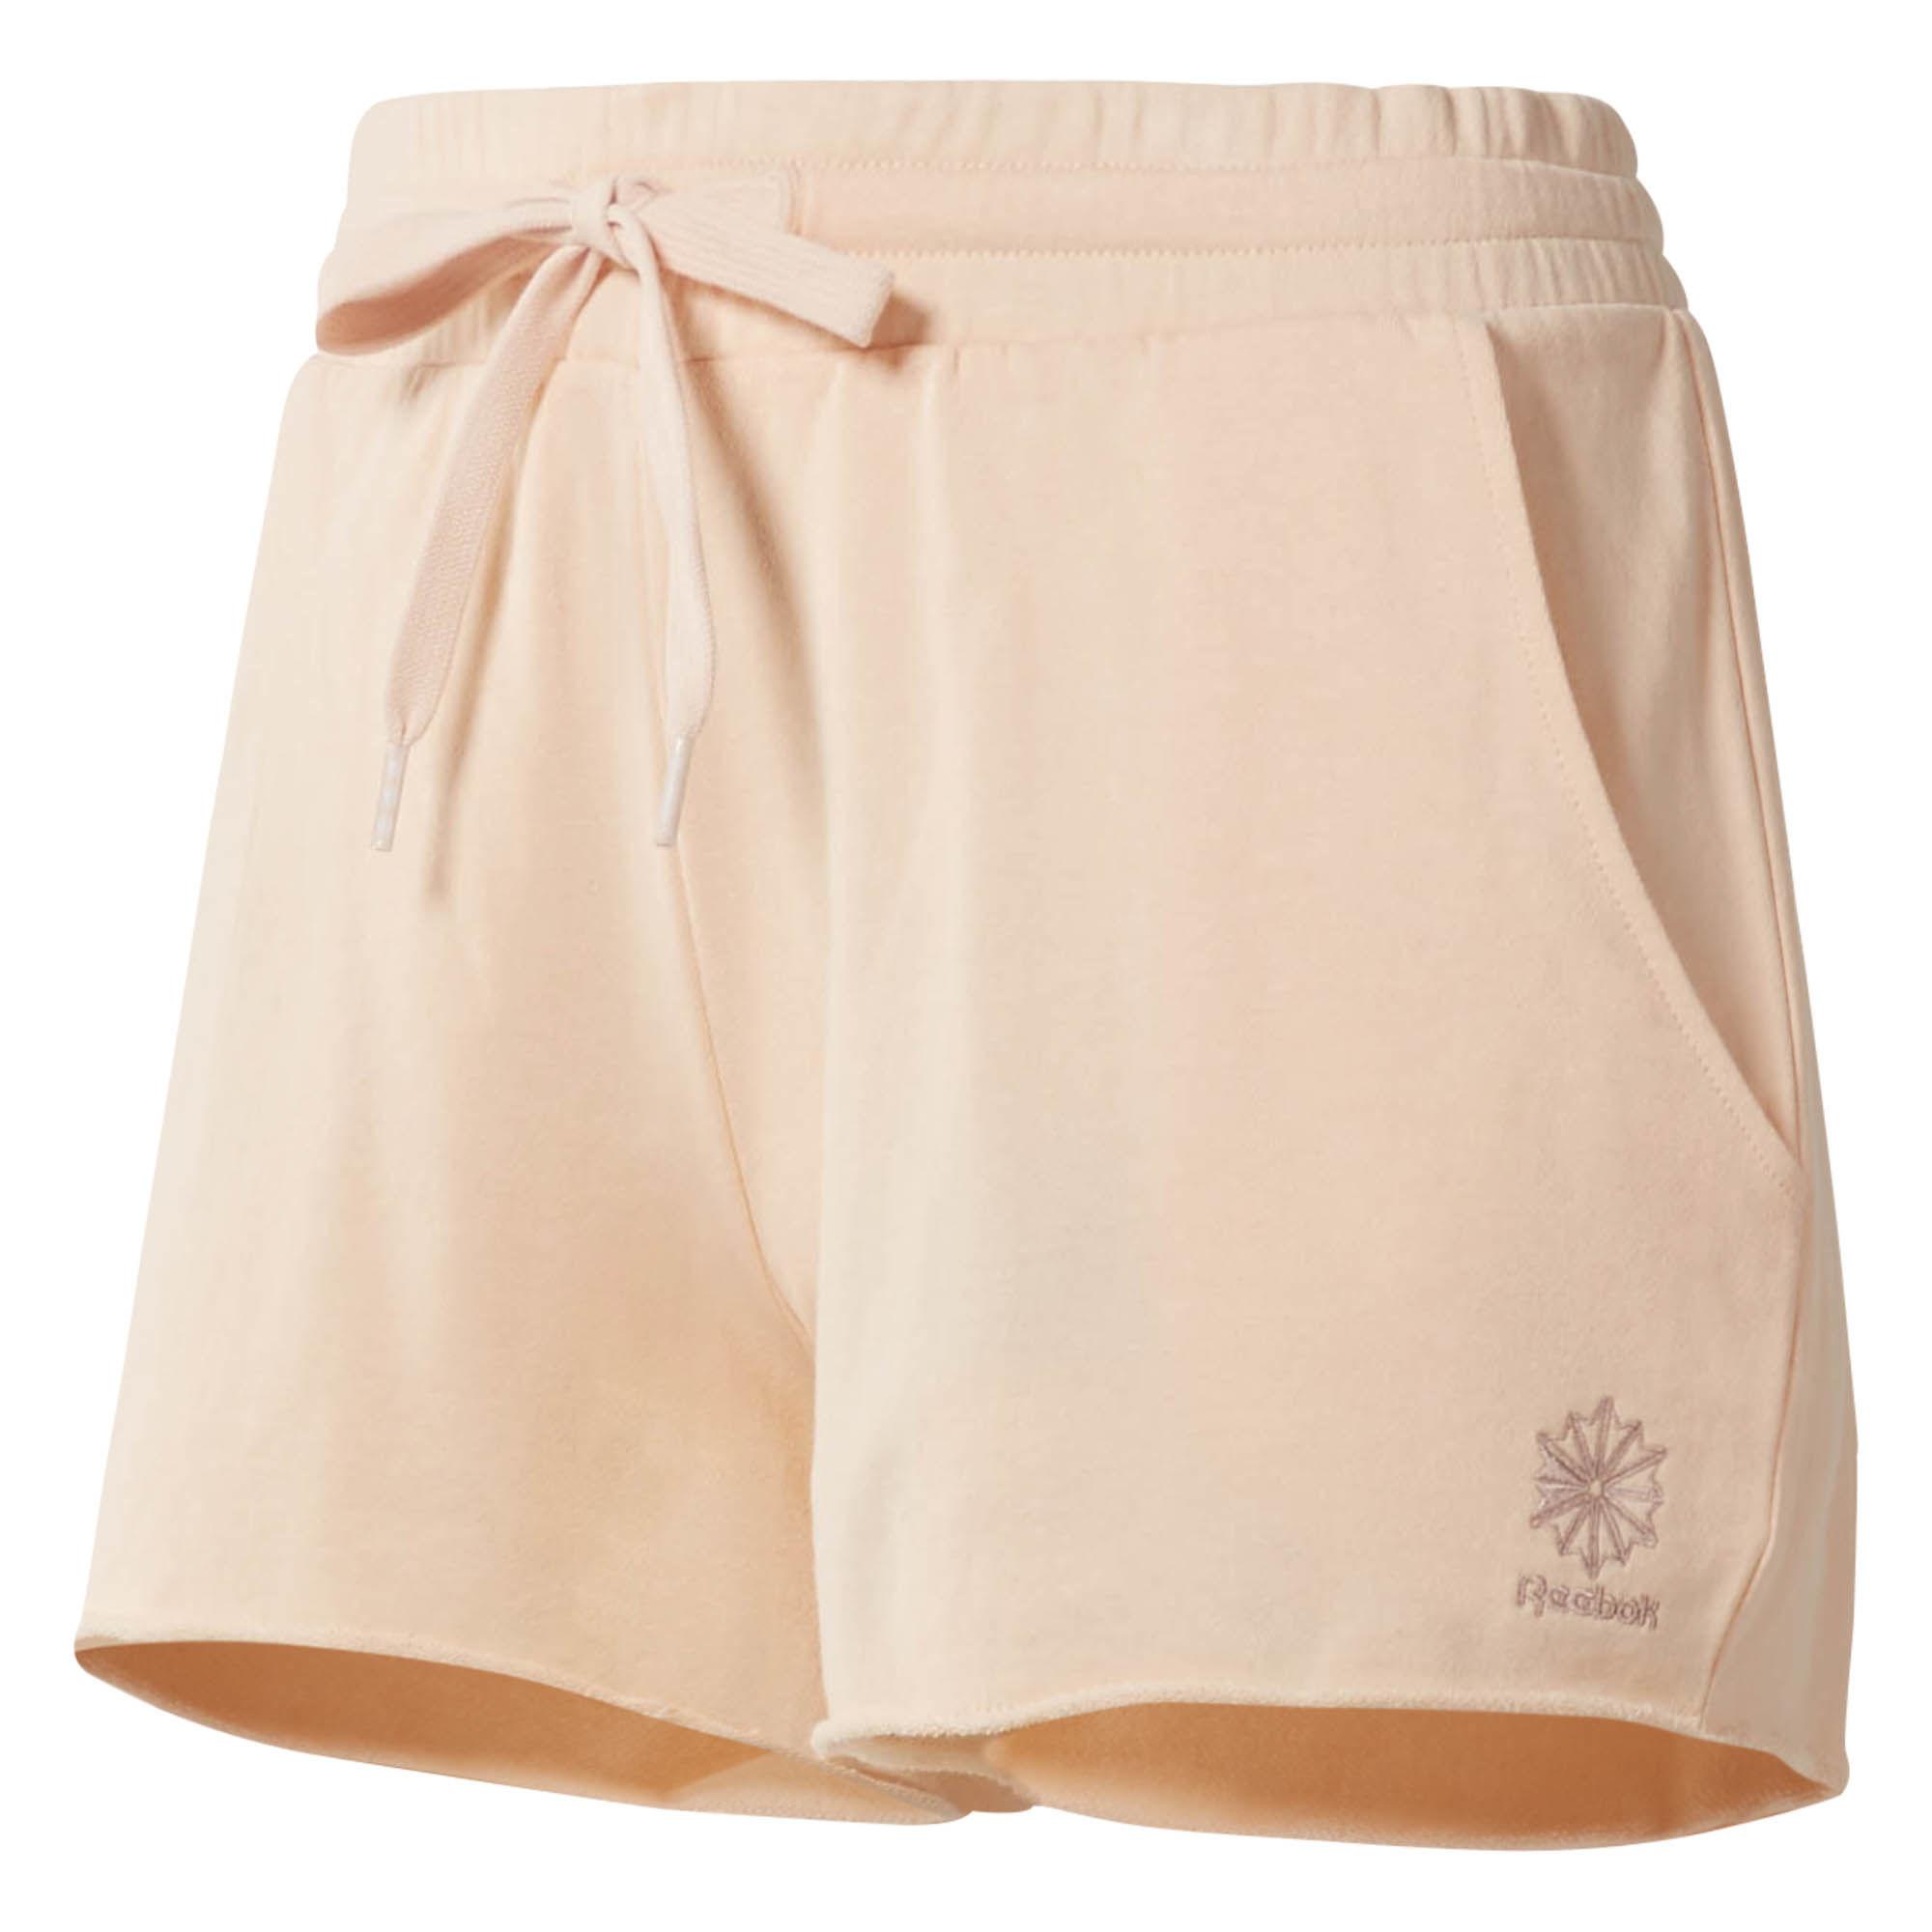 Шорты женские Reebok F Ft Short, цвет: розовый. CD8223. Размер S (42/44)CD8223Женские шорты от Reebok выполнены из натурального хлопка. Модель с эластичным поясом на талии по бокам дополнена карманами.